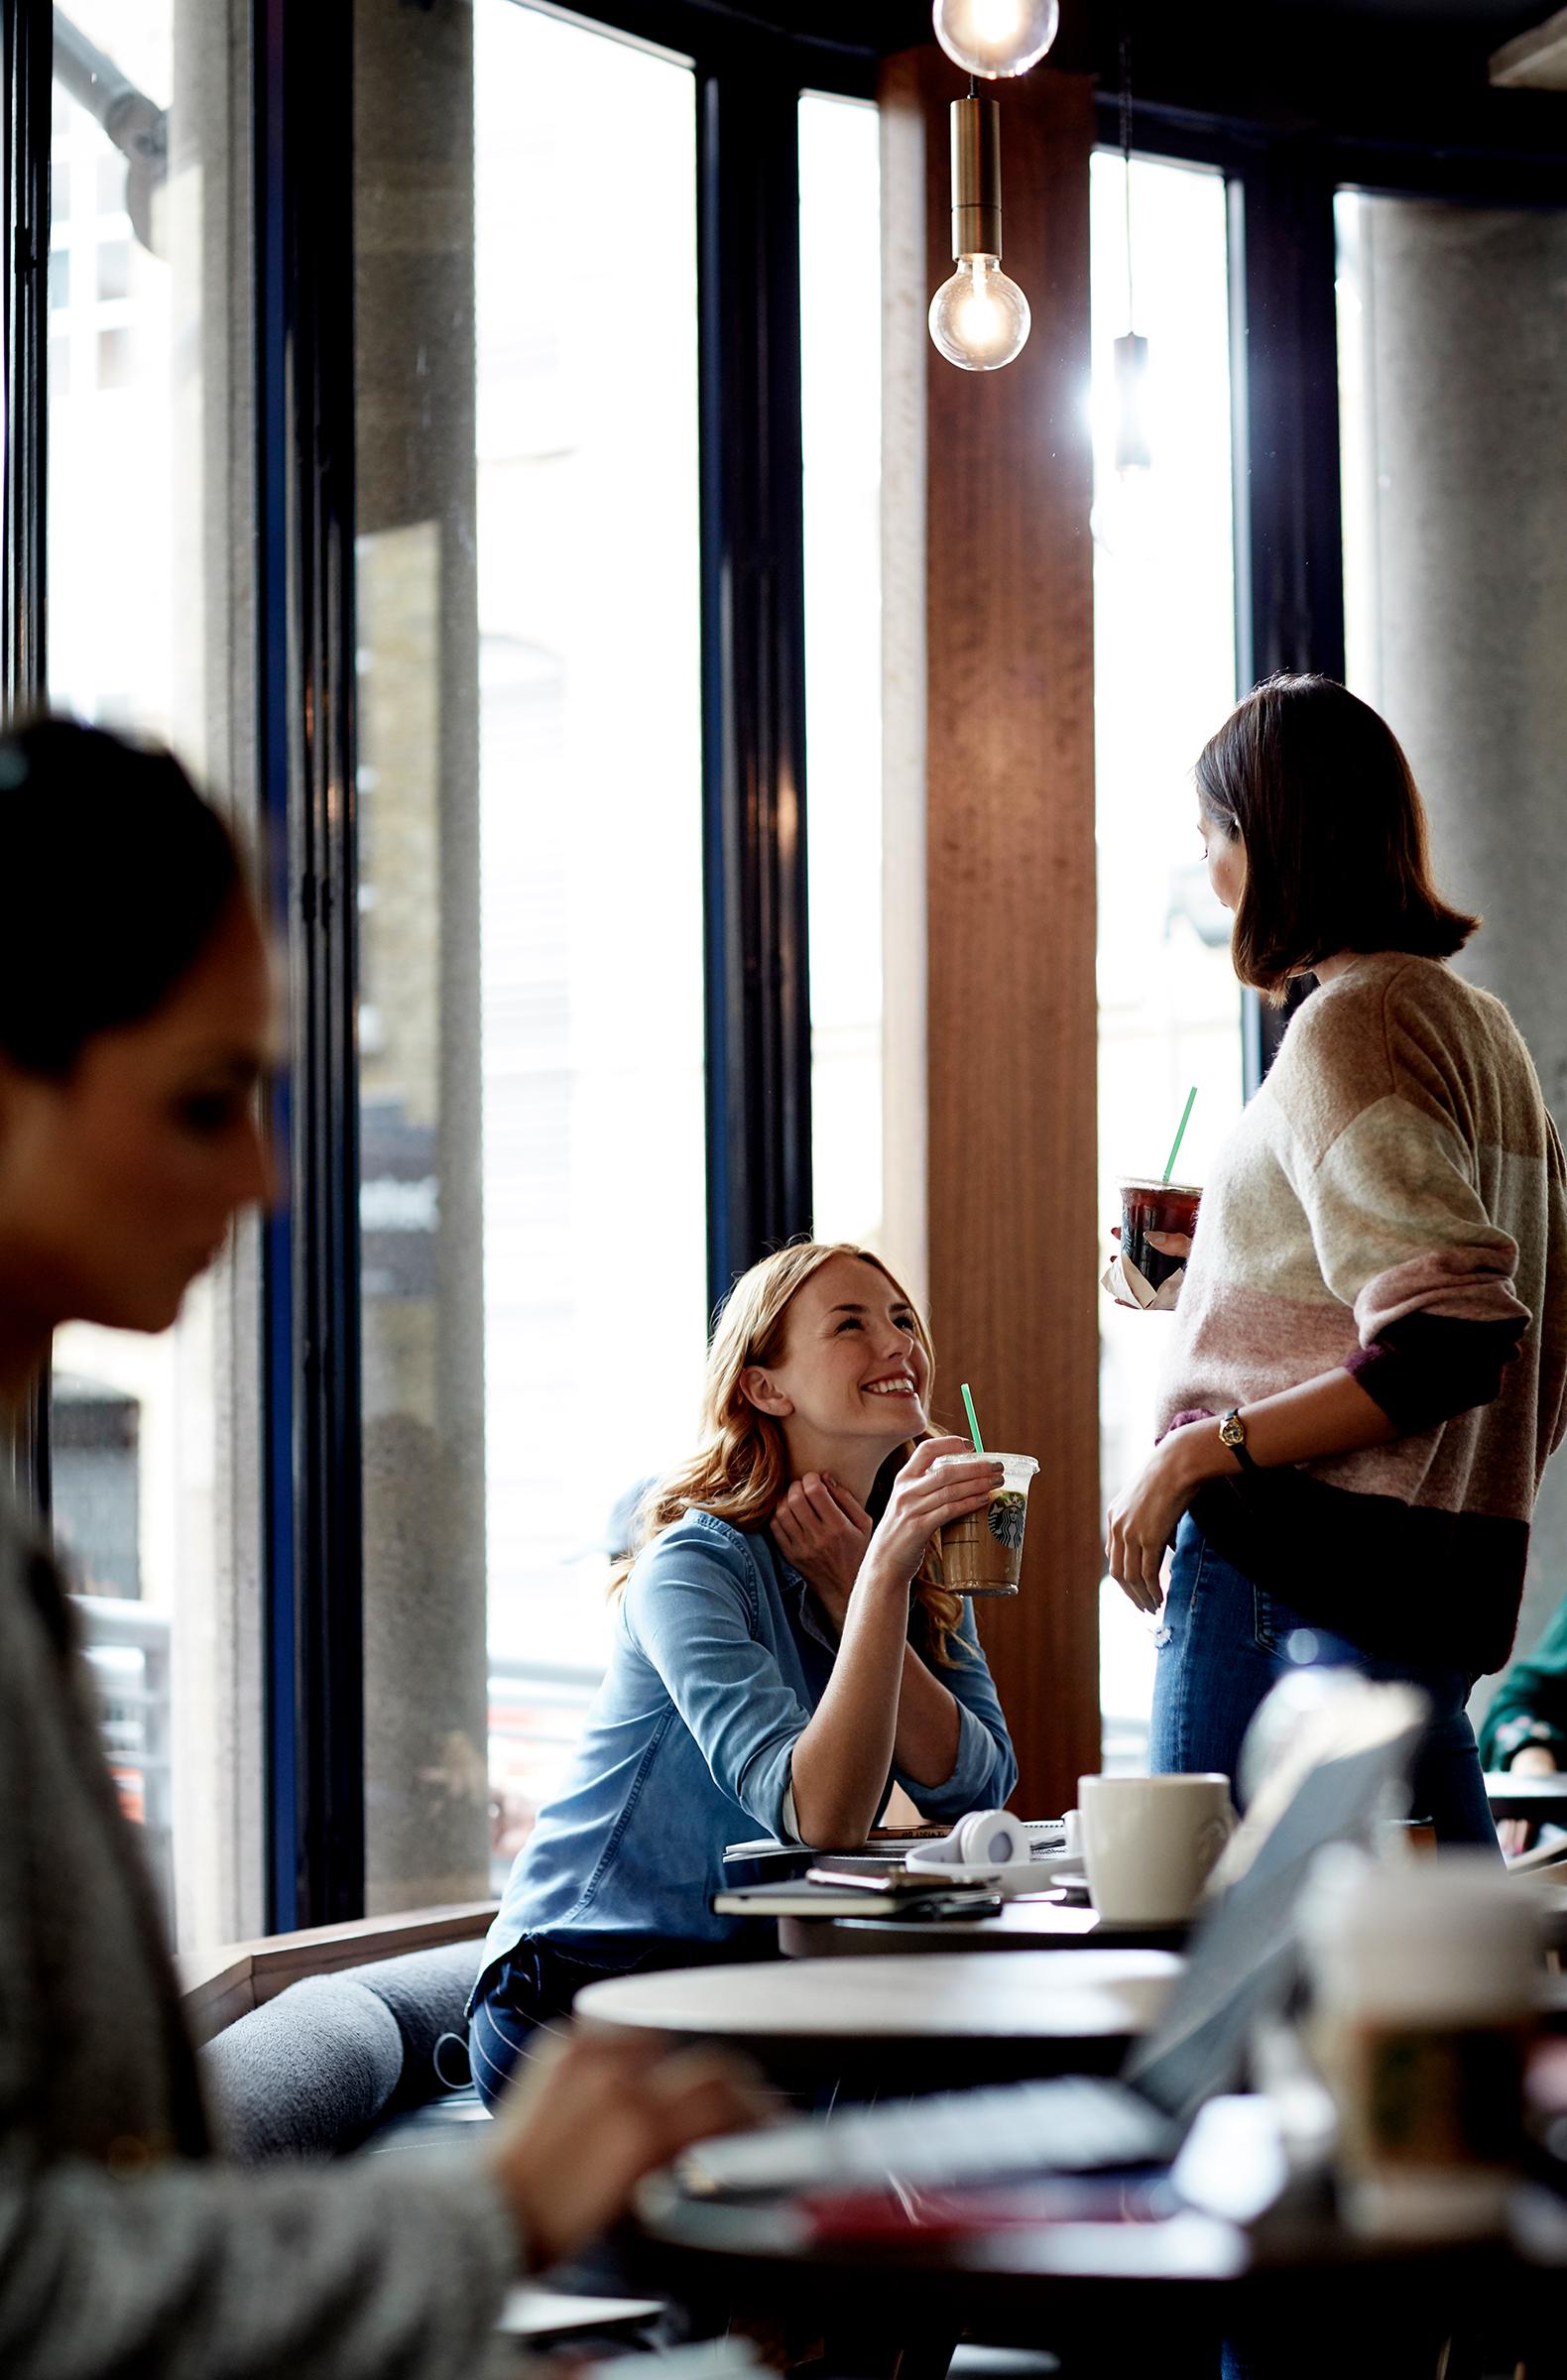 20-9-18-Starbucks10954.jpg